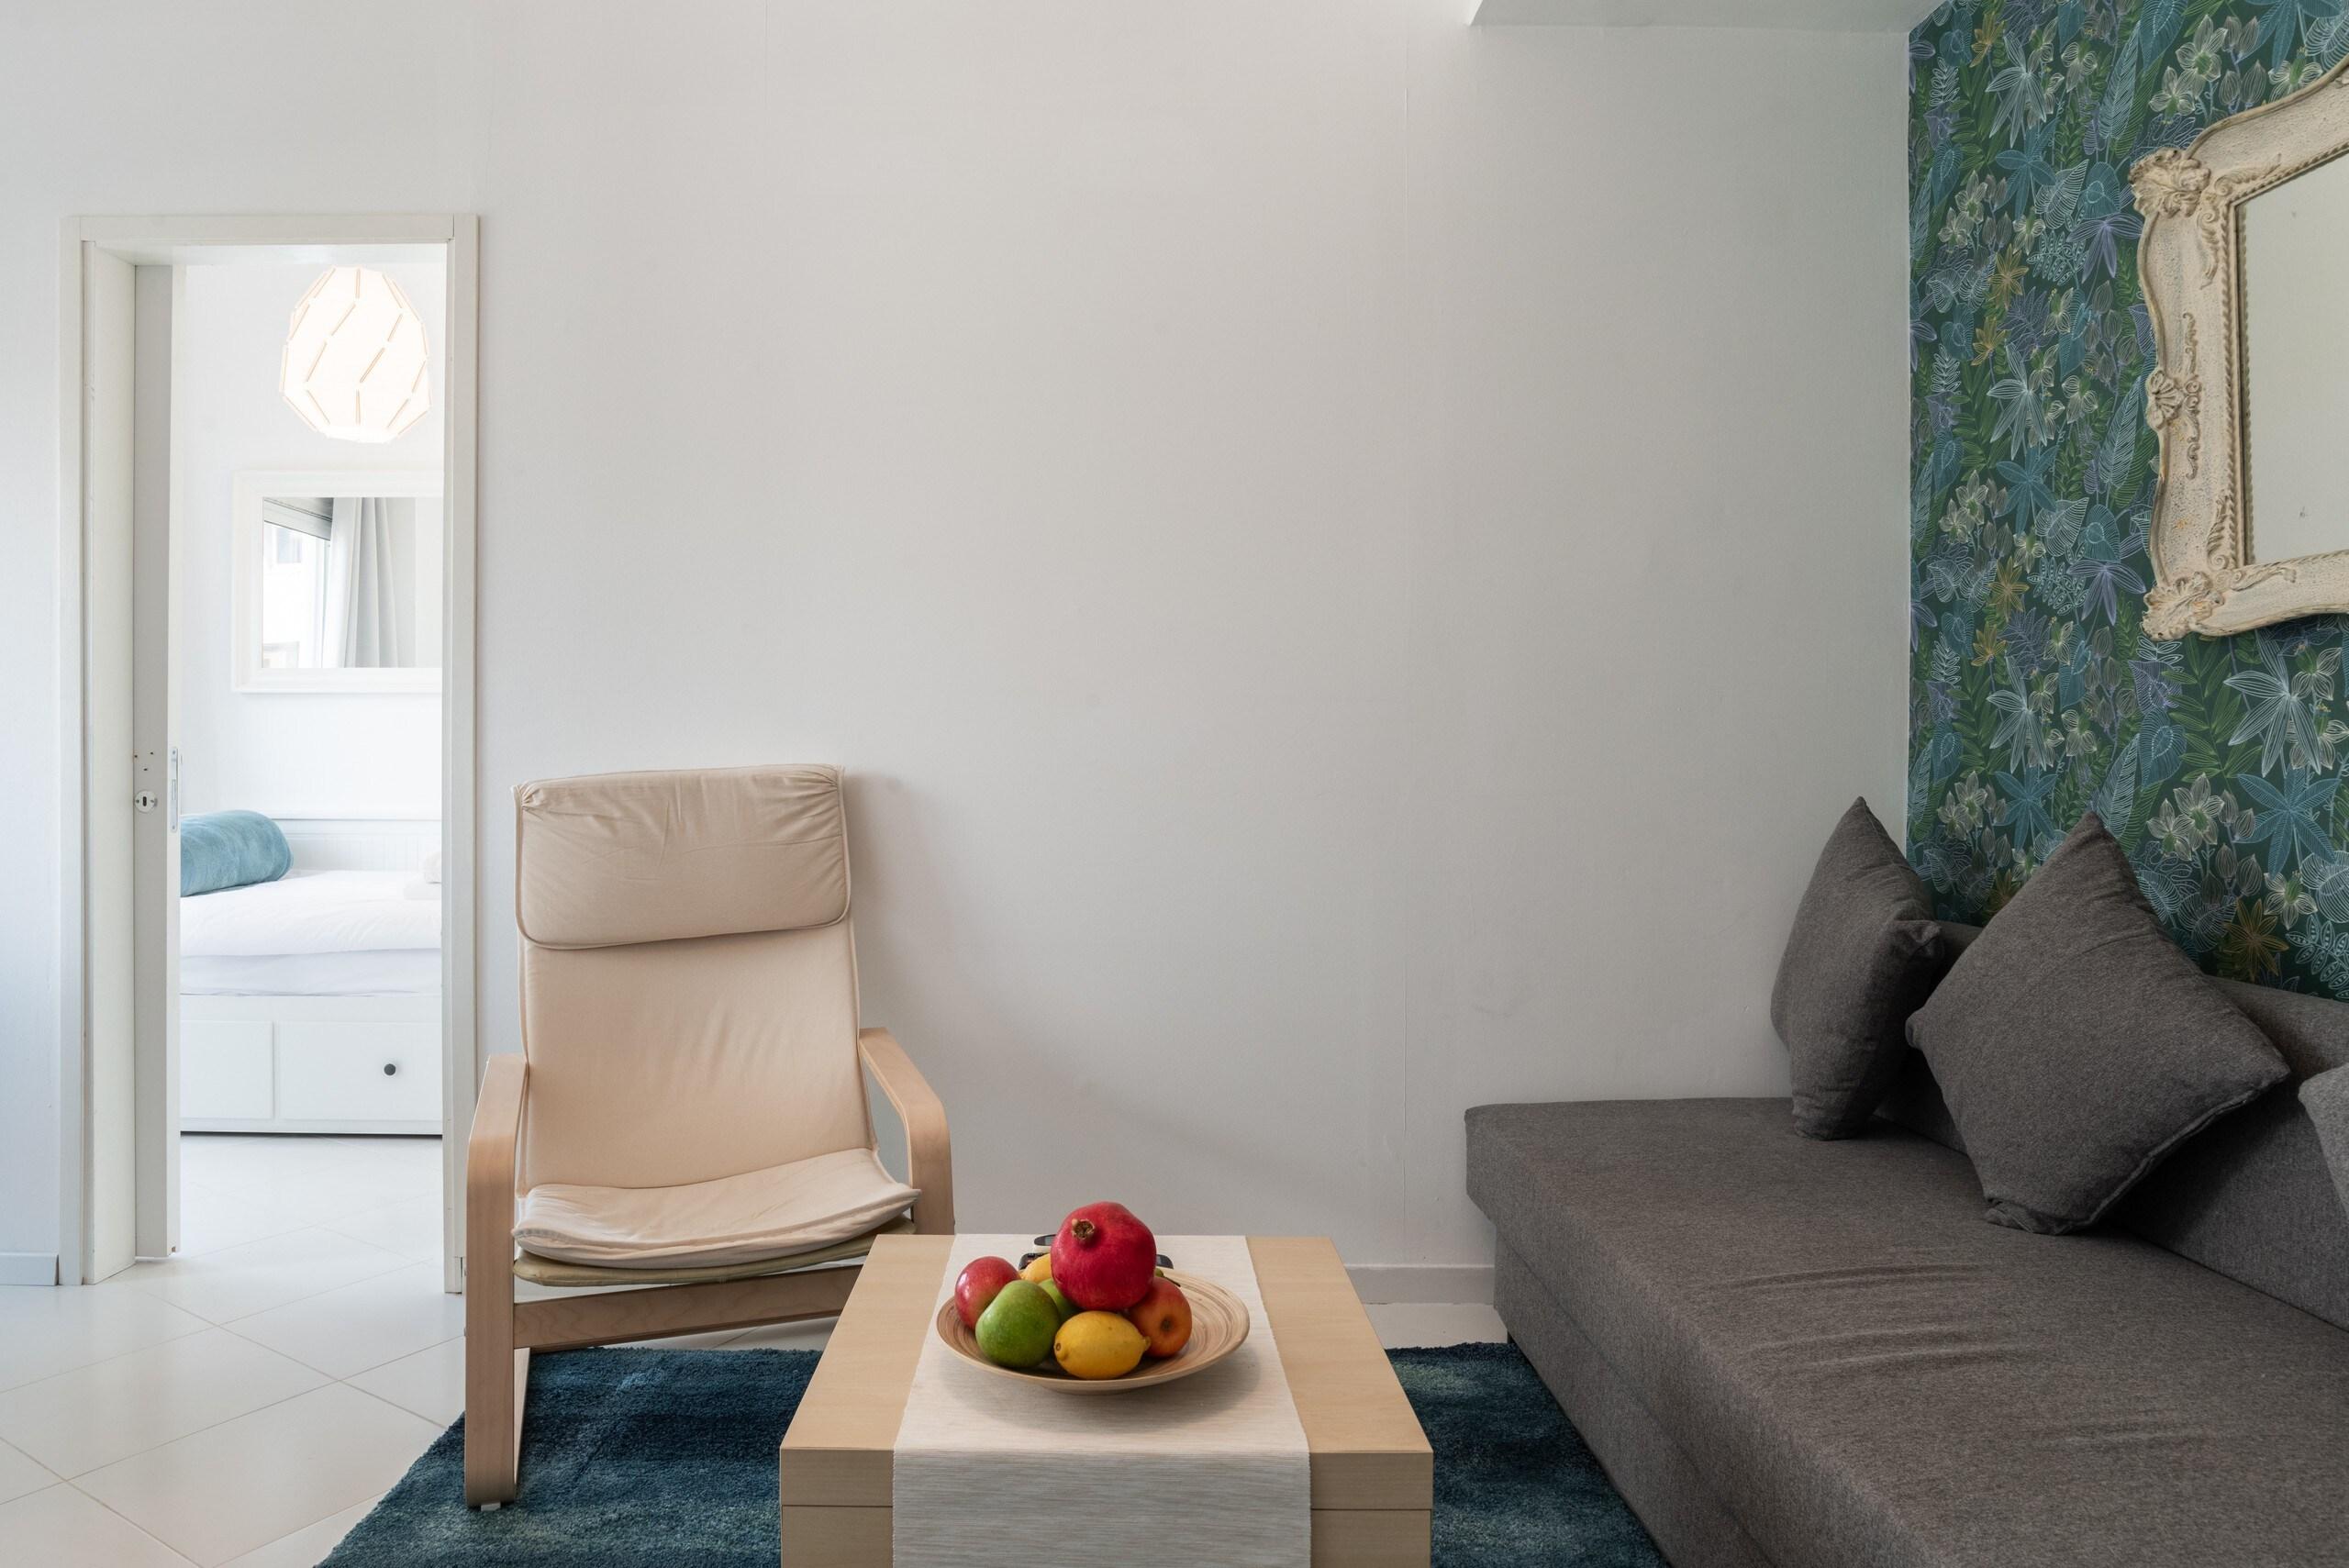 Apartment Sea View 2 bedroom apartment next to Hilton beach photo 21105515